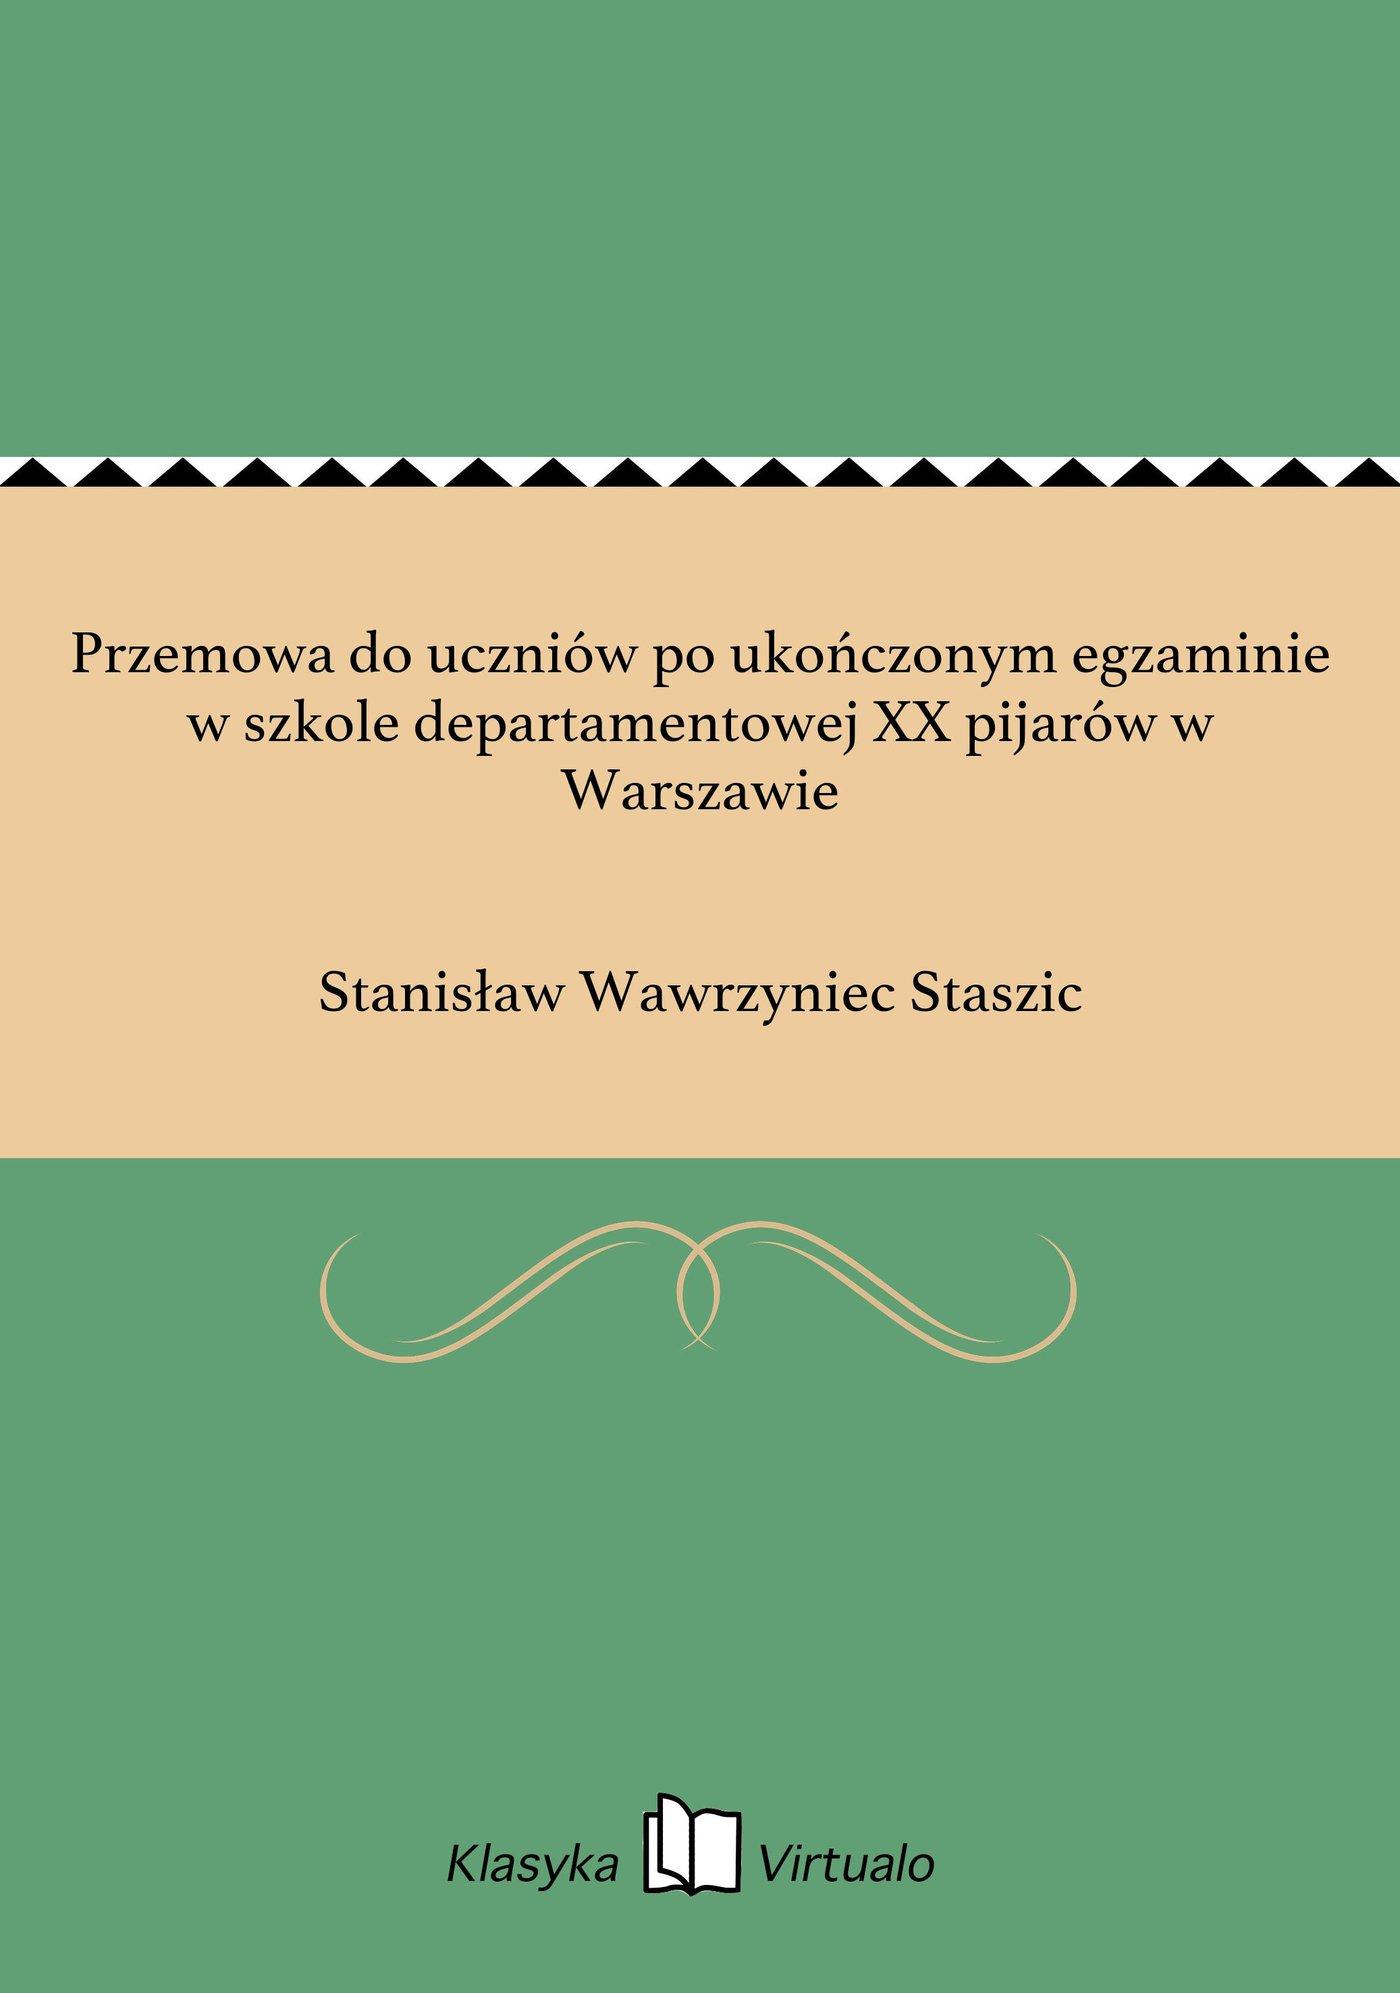 Przemowa do uczniów po ukończonym egzaminie w szkole departamentowej XX pijarów w Warszawie - Ebook (Książka EPUB) do pobrania w formacie EPUB